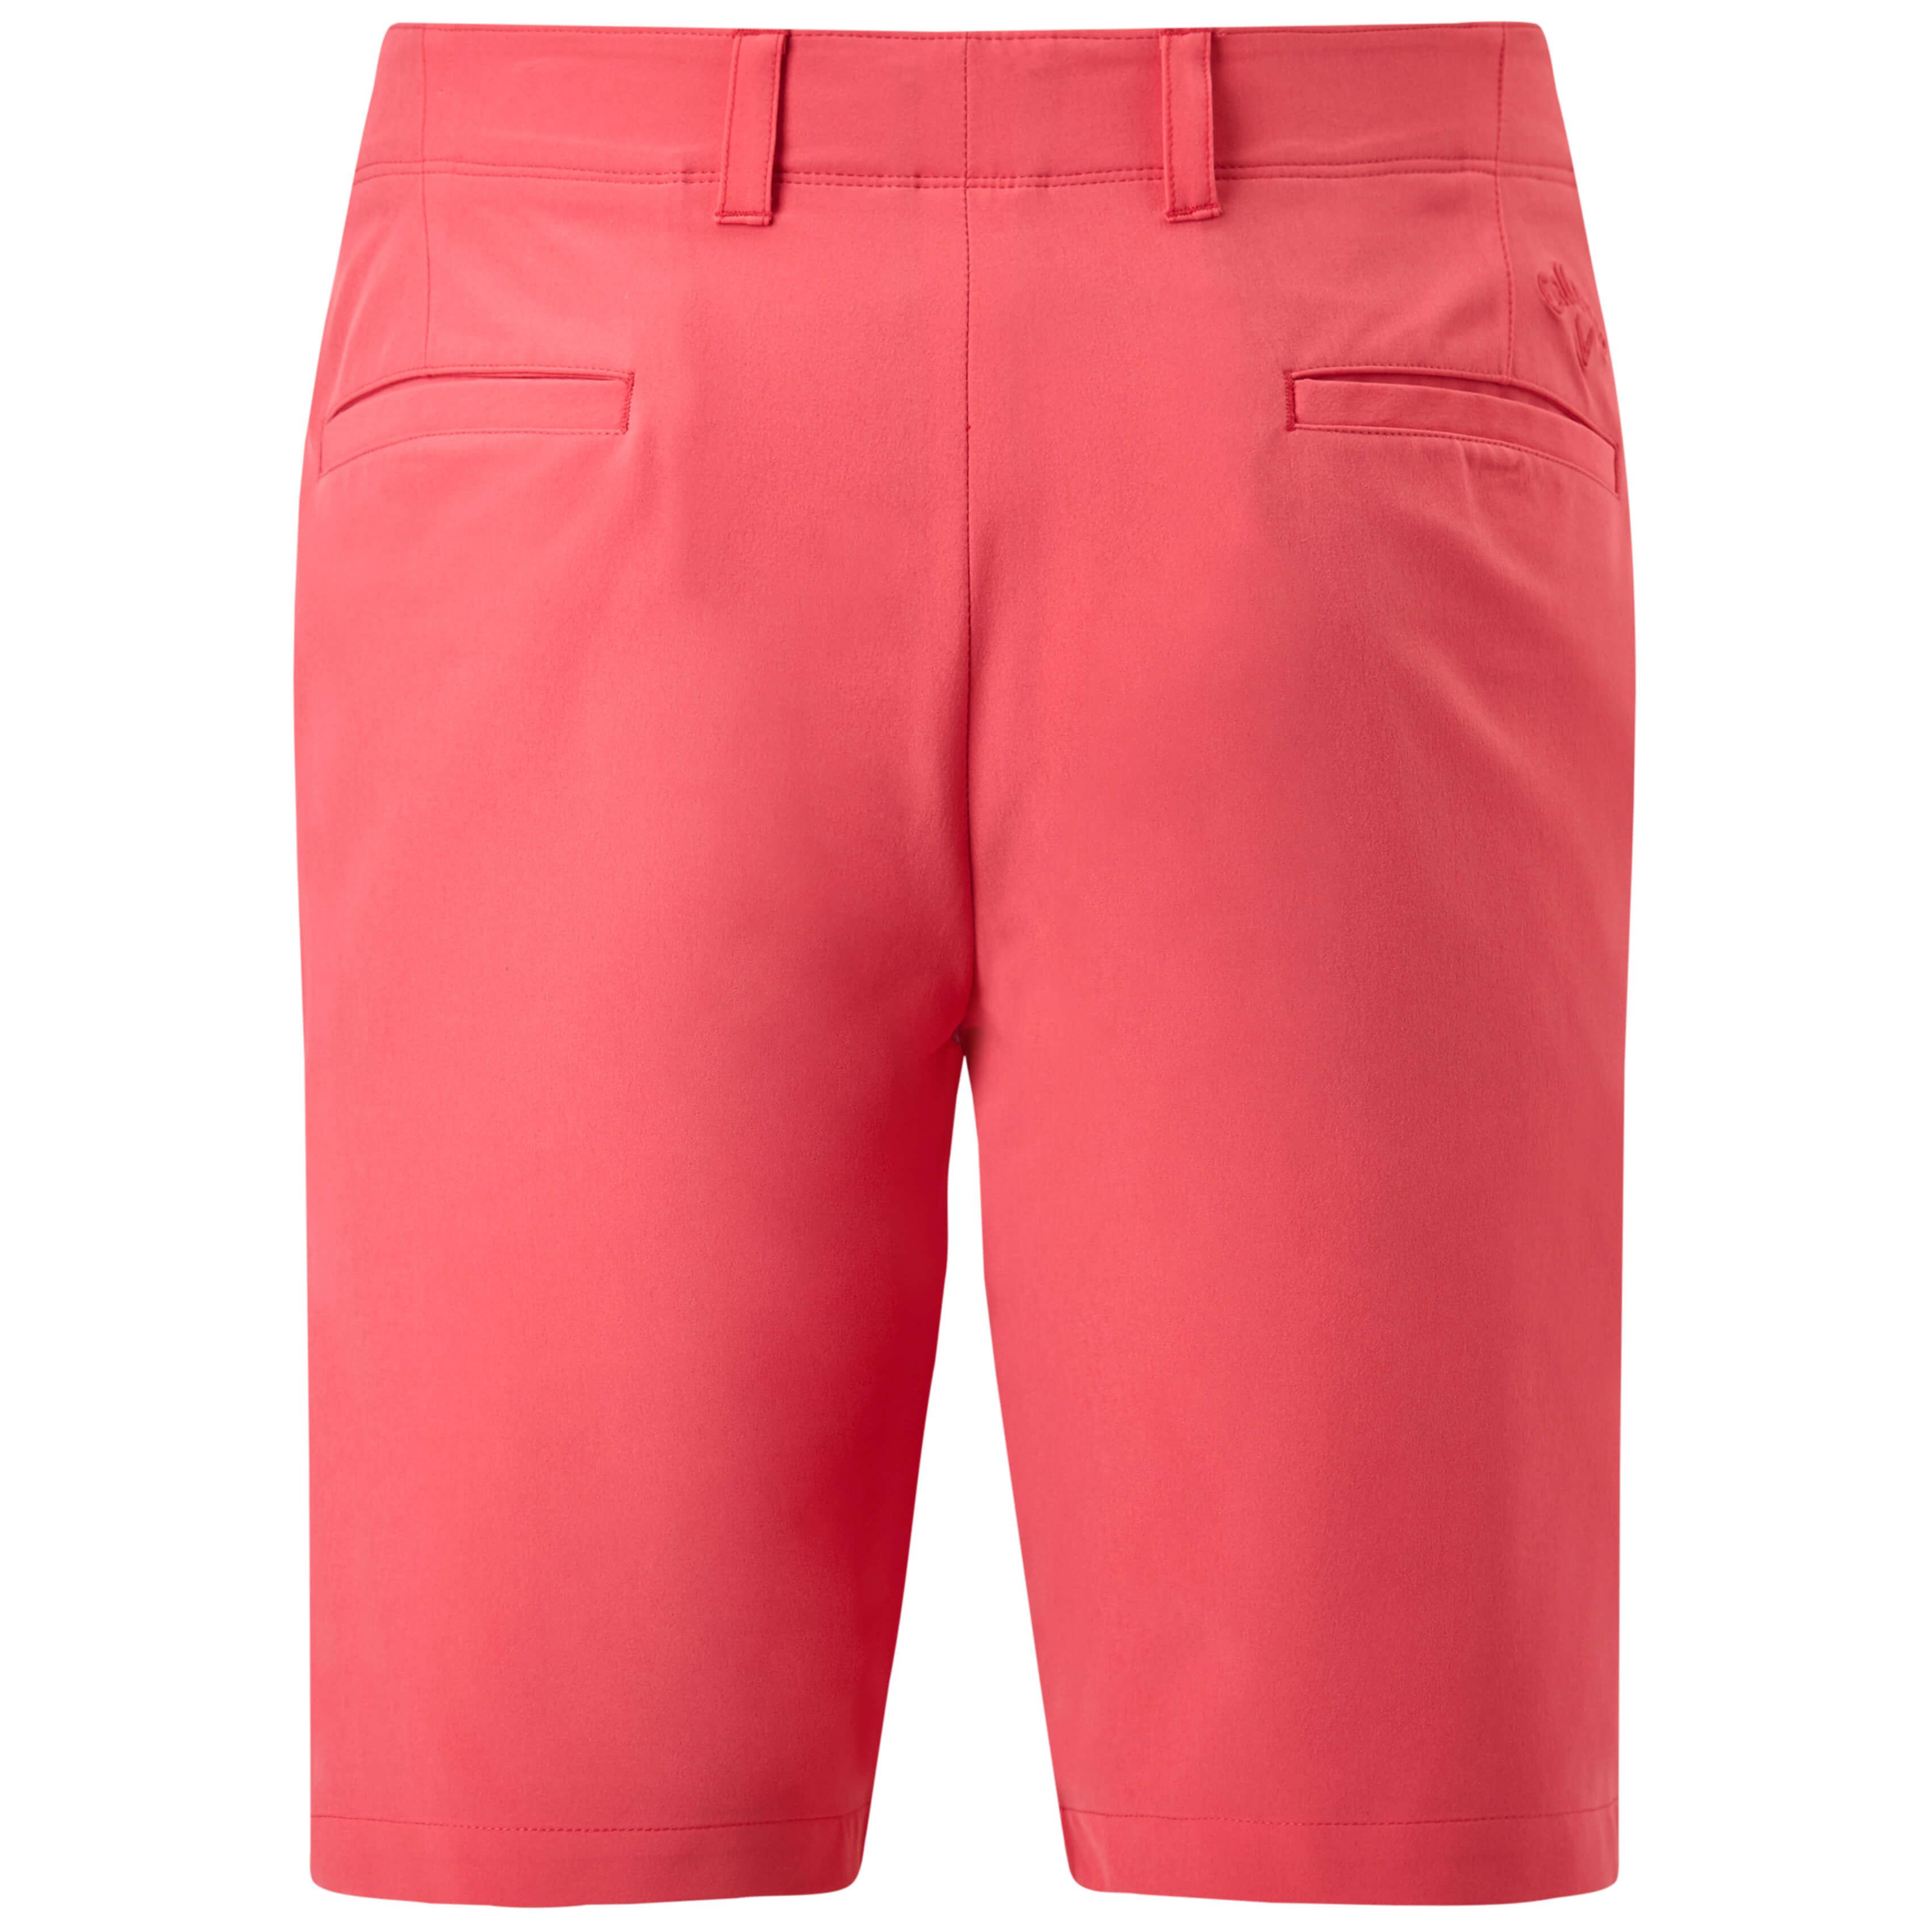 Callaway-Herren-2019-Chev-Tech-II-Opti-Stretch-leichte-Golf-Shorts Indexbild 27